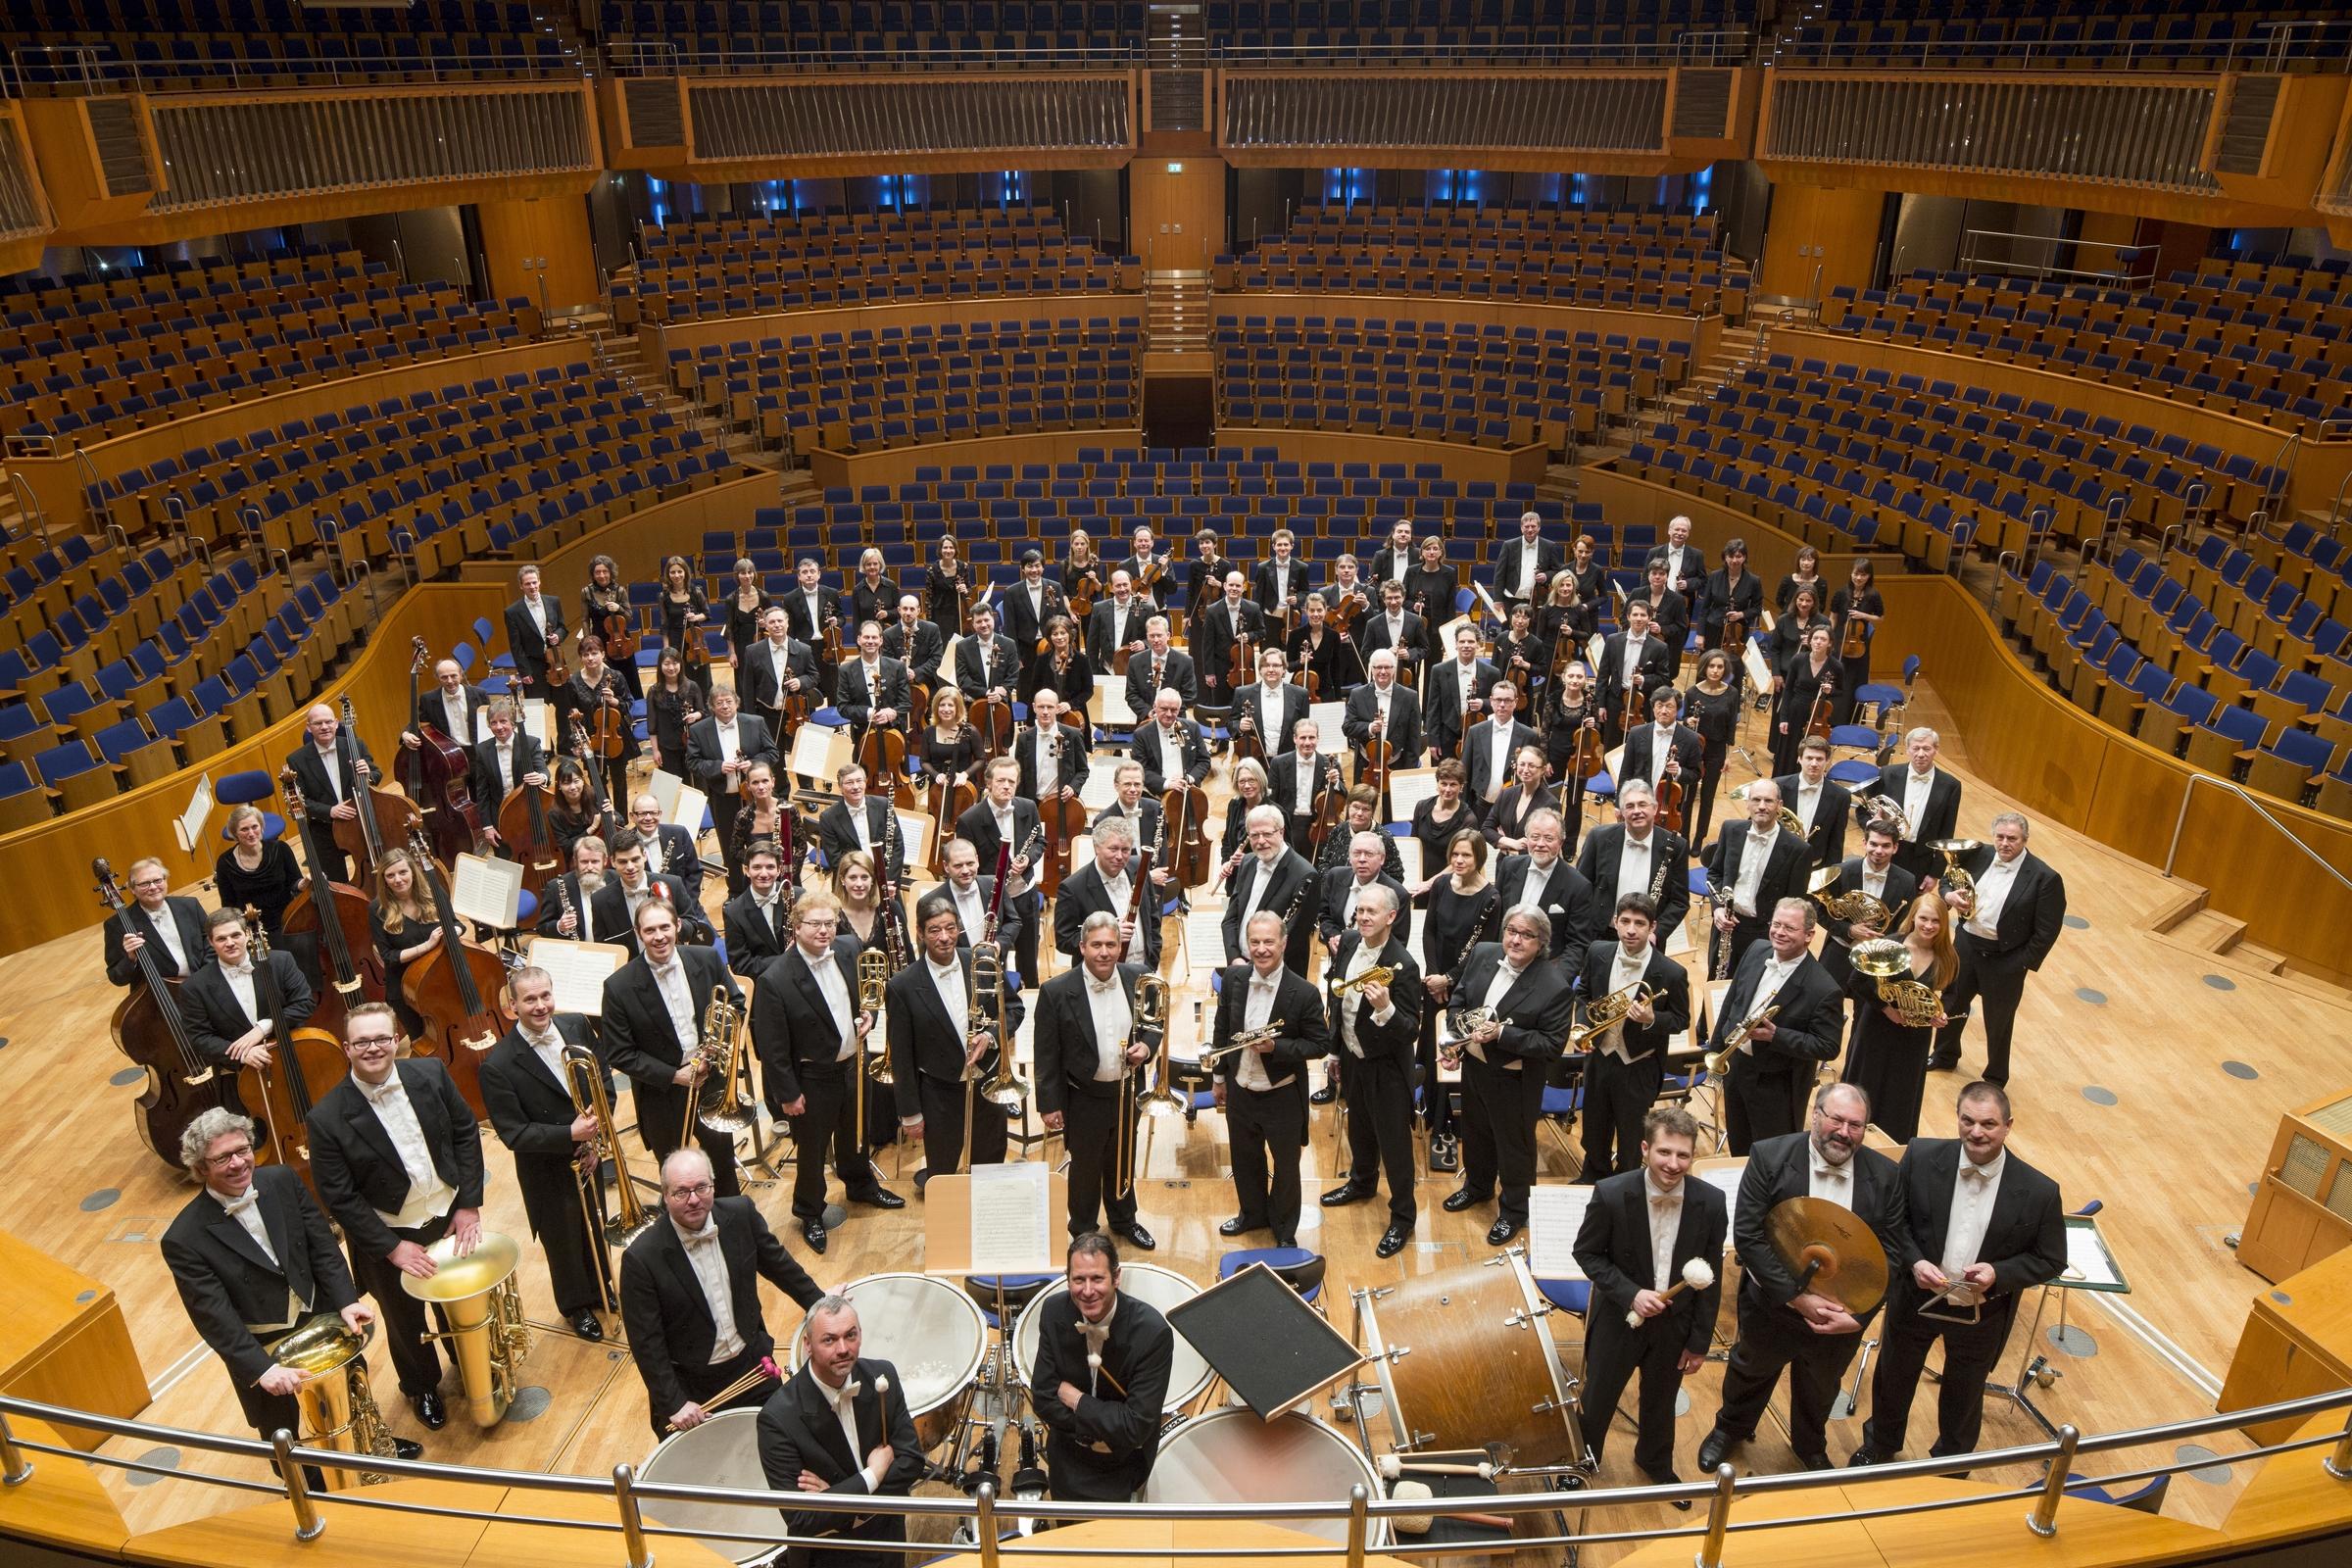 Düsseldorfer Symphoniker gastieren in Rotterdam (Foto: Susanne Diesner)